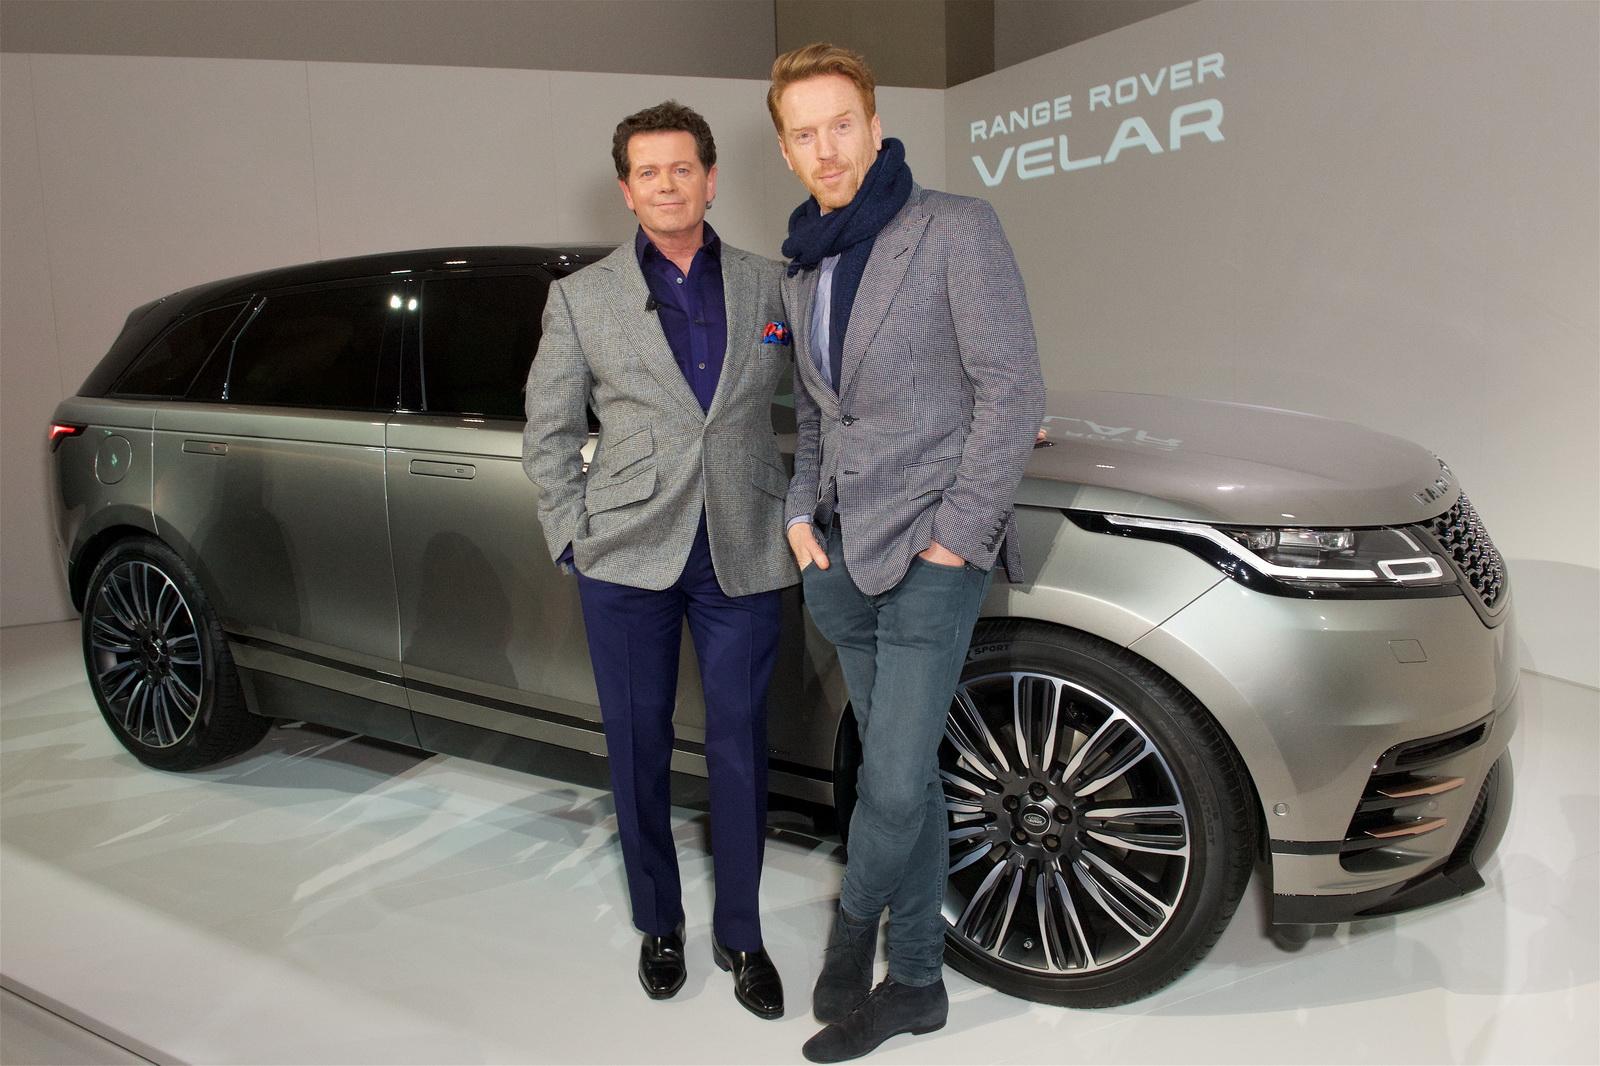 Range Rover Velar in Geneva 2017 (10)